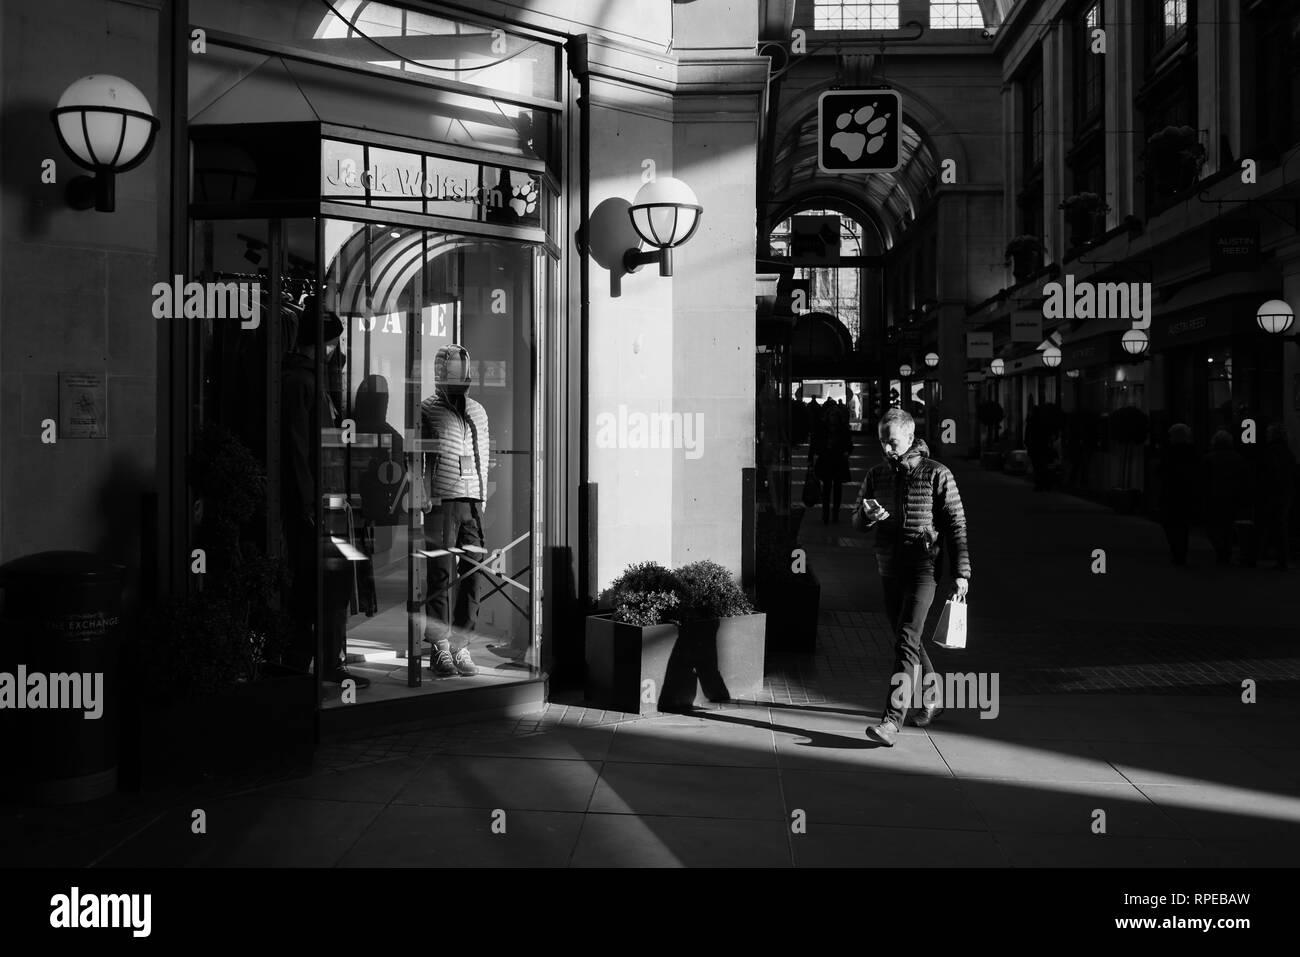 Man walking past Retail Stores in Urban Environment. - Stock Image